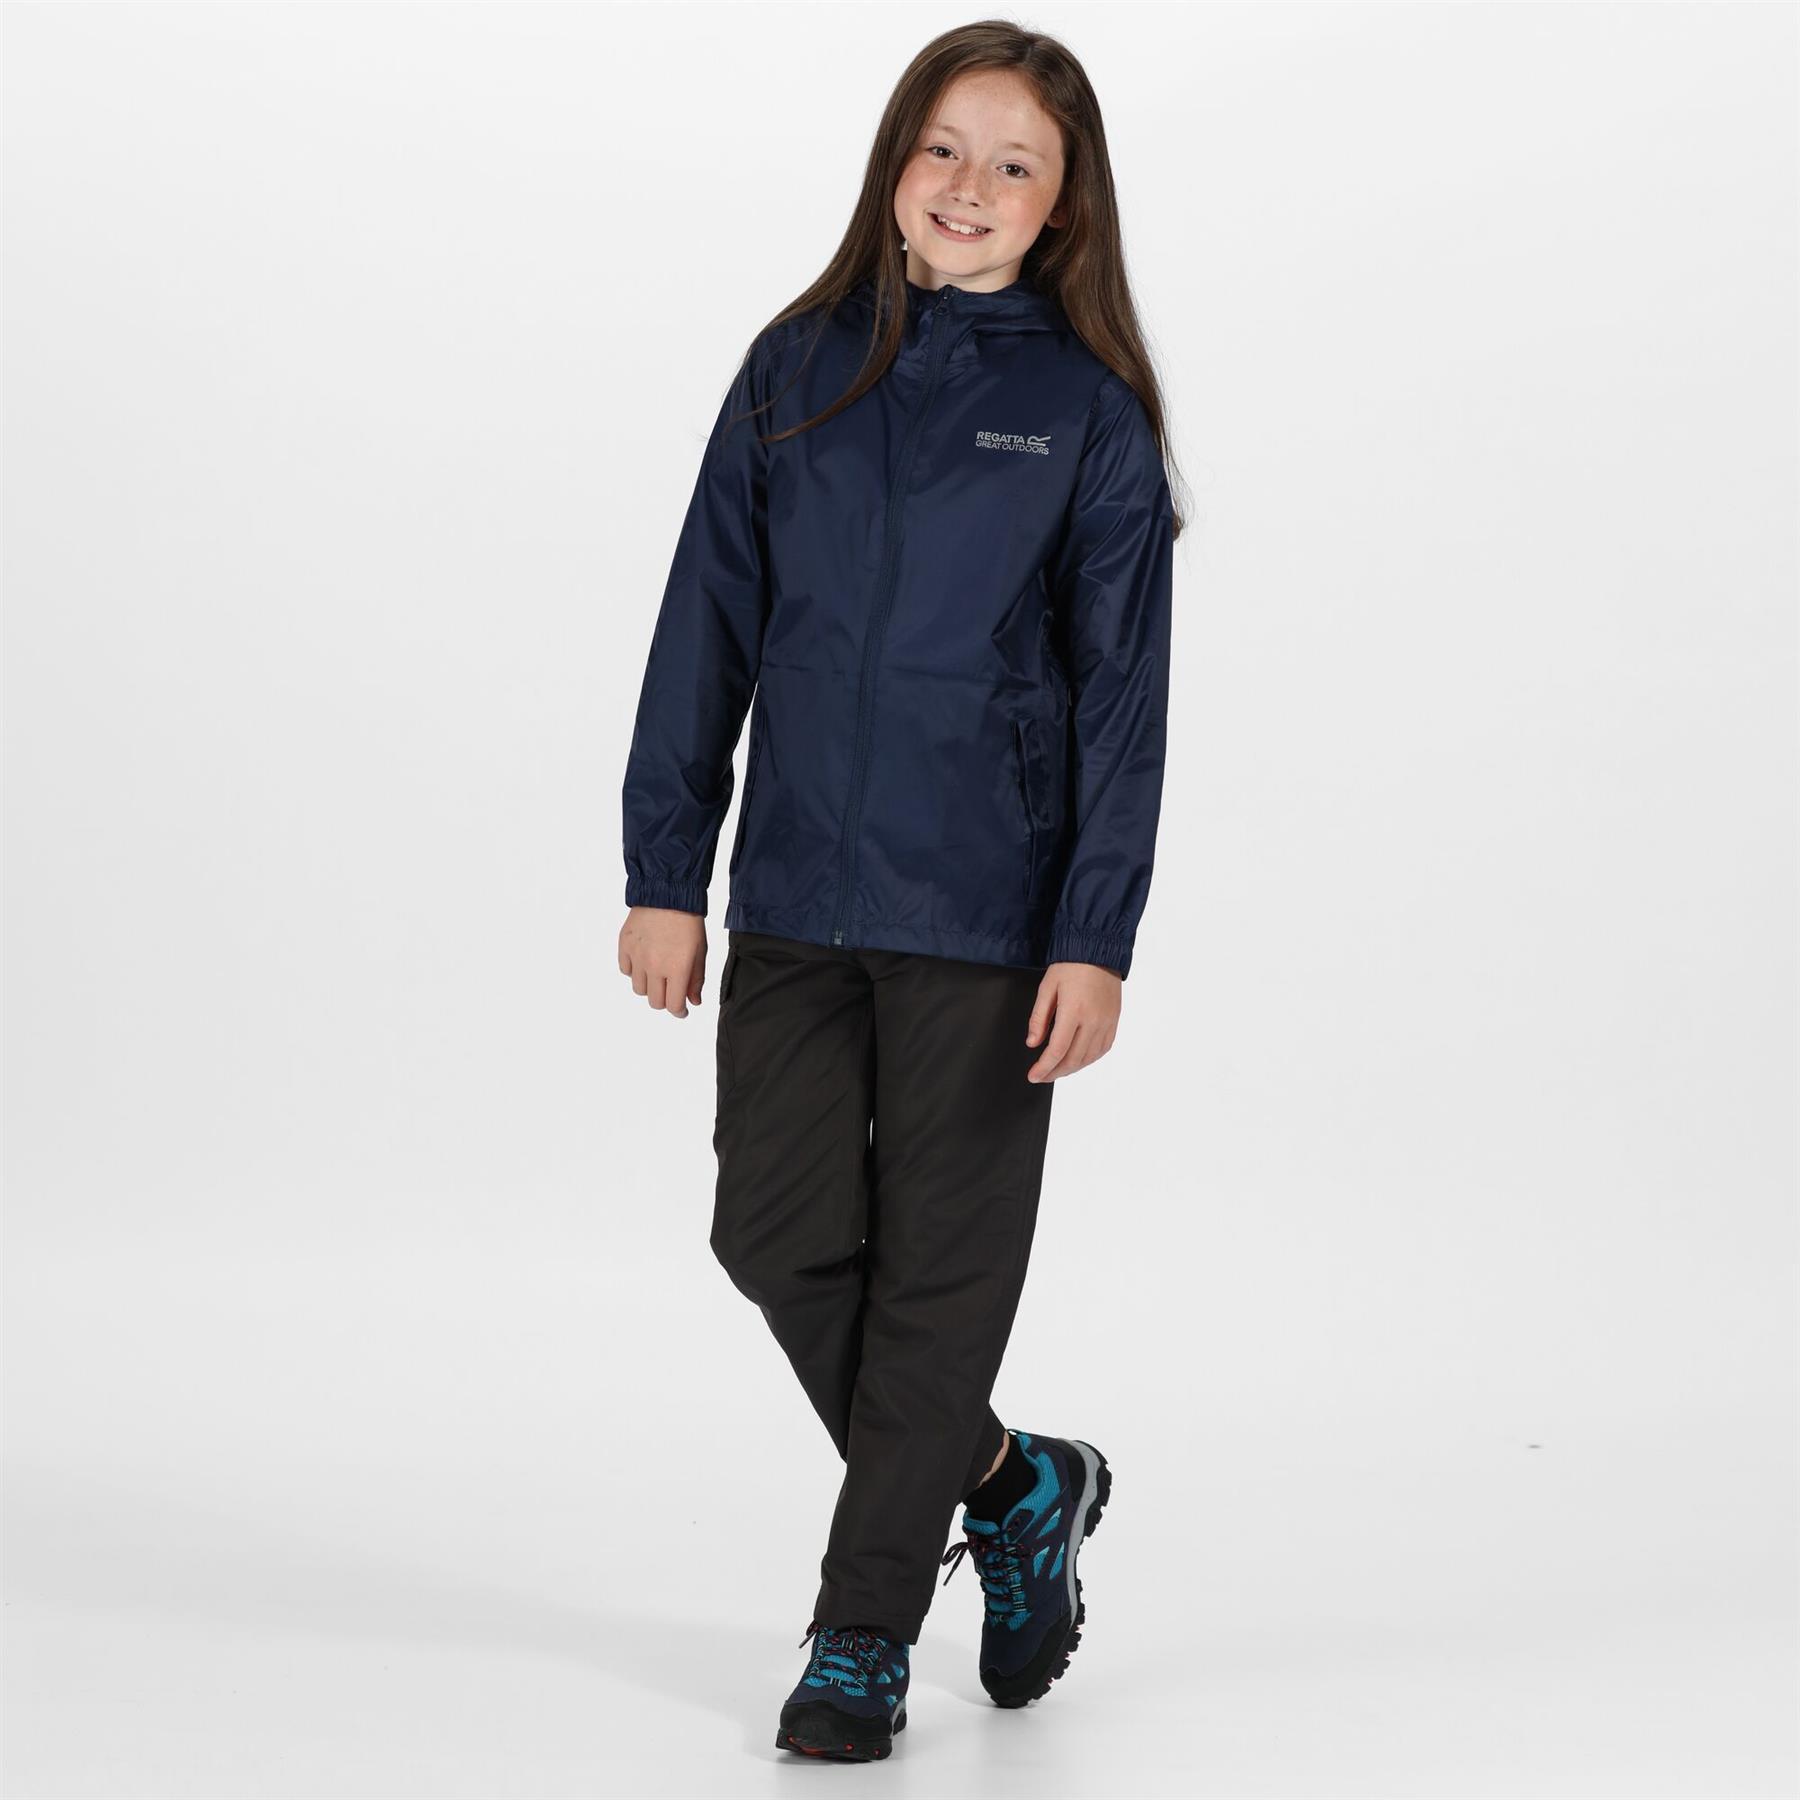 miniatuur 16 - Regatta Kids Pack it Jacket II Lightweight Waterproof Packaway Jacket Boys Girls